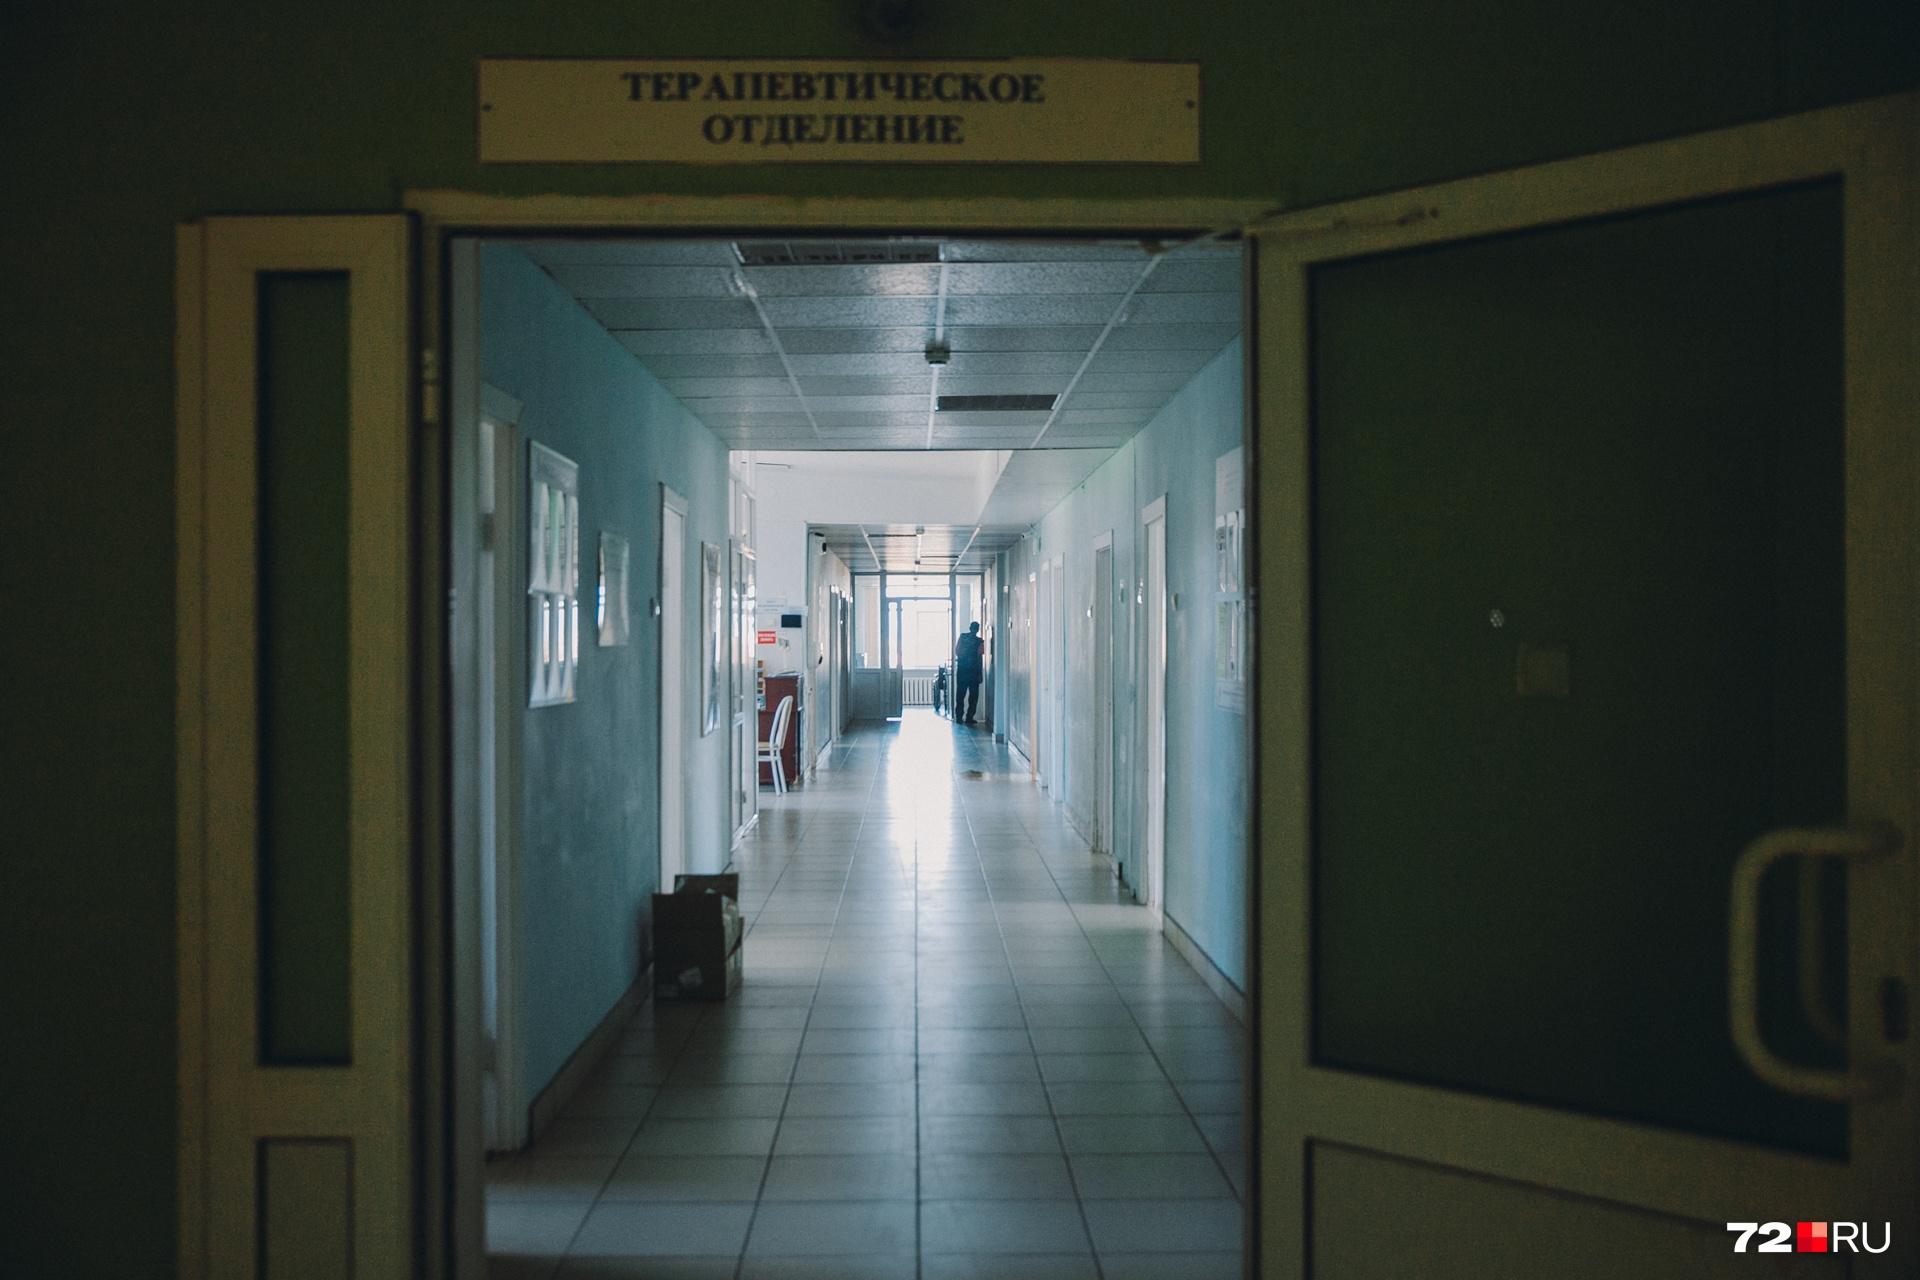 Светлые коридоры терапевтического отделения. Вопреки расхожим мнениям, палаты с облупившейся штукатуркой мы не обнаружили. Обстановка скромная, но всё аккуратно